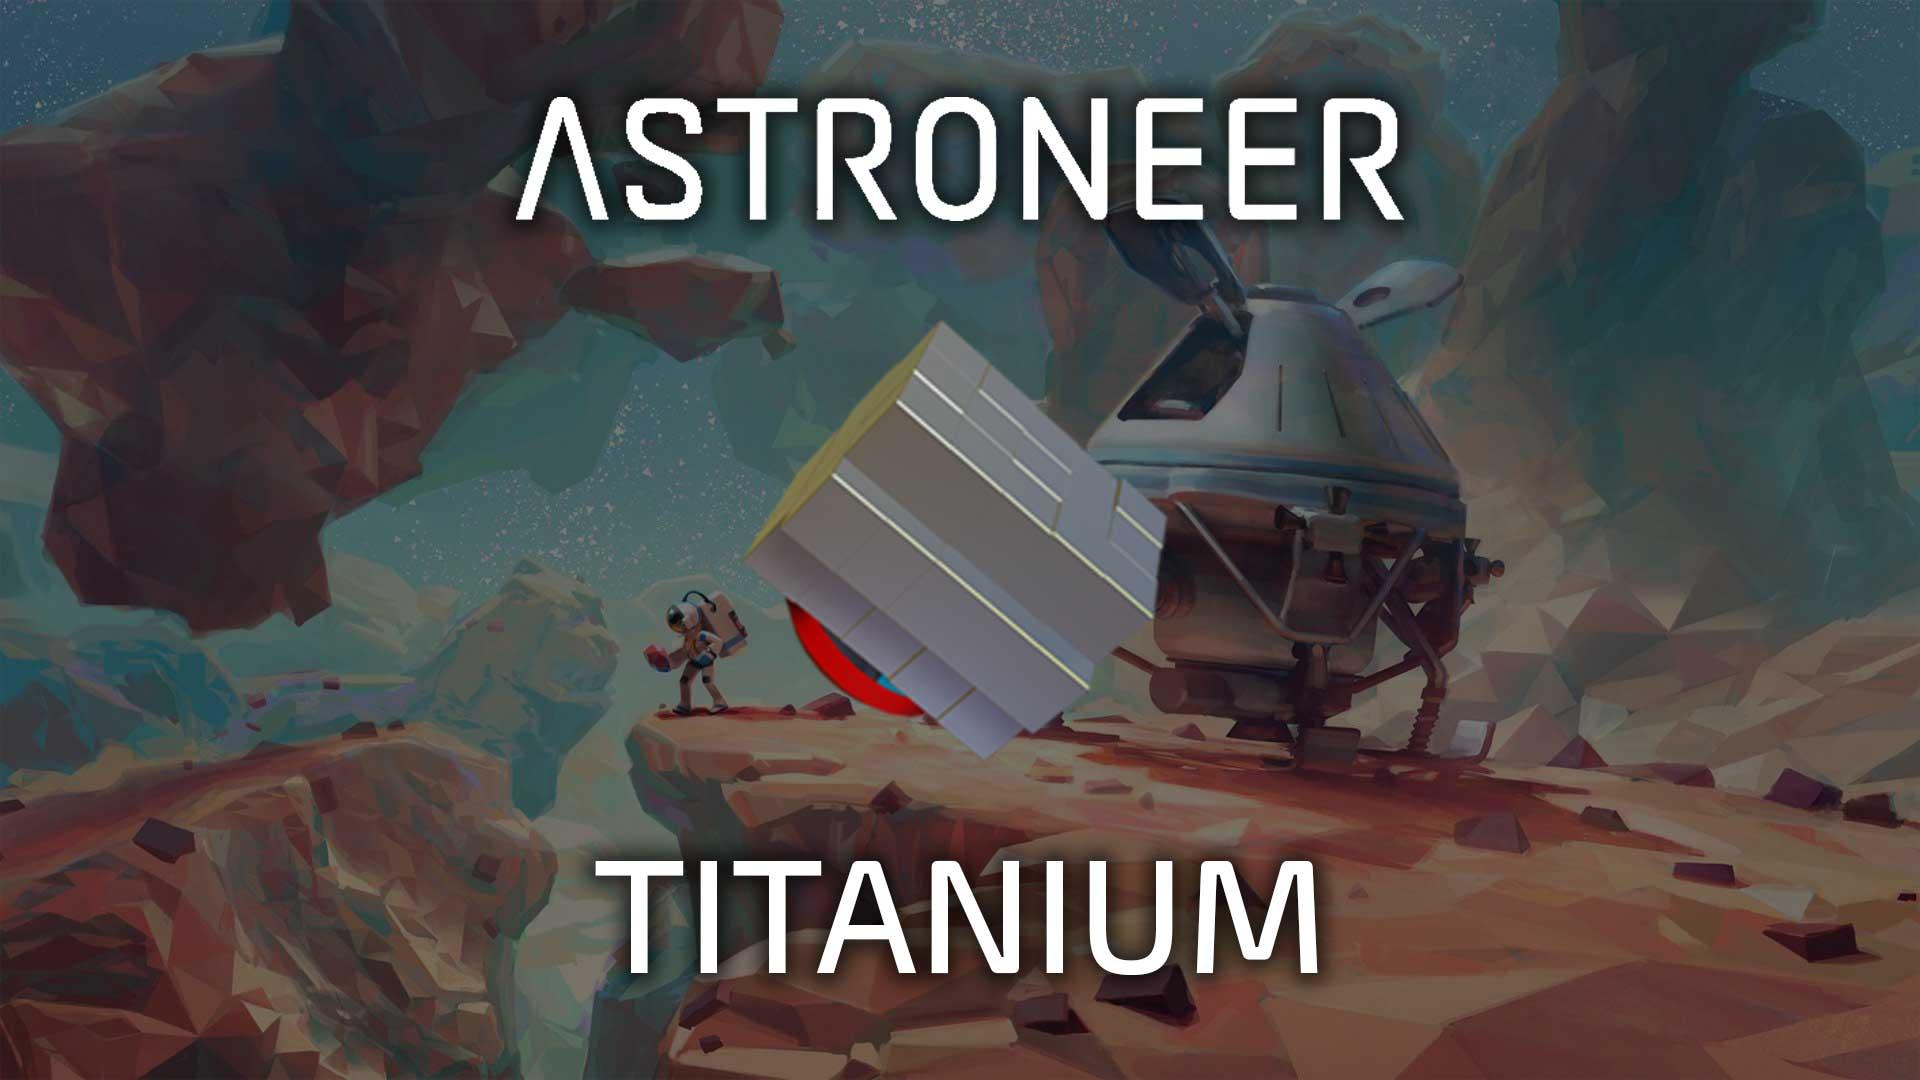 astroneer titanium